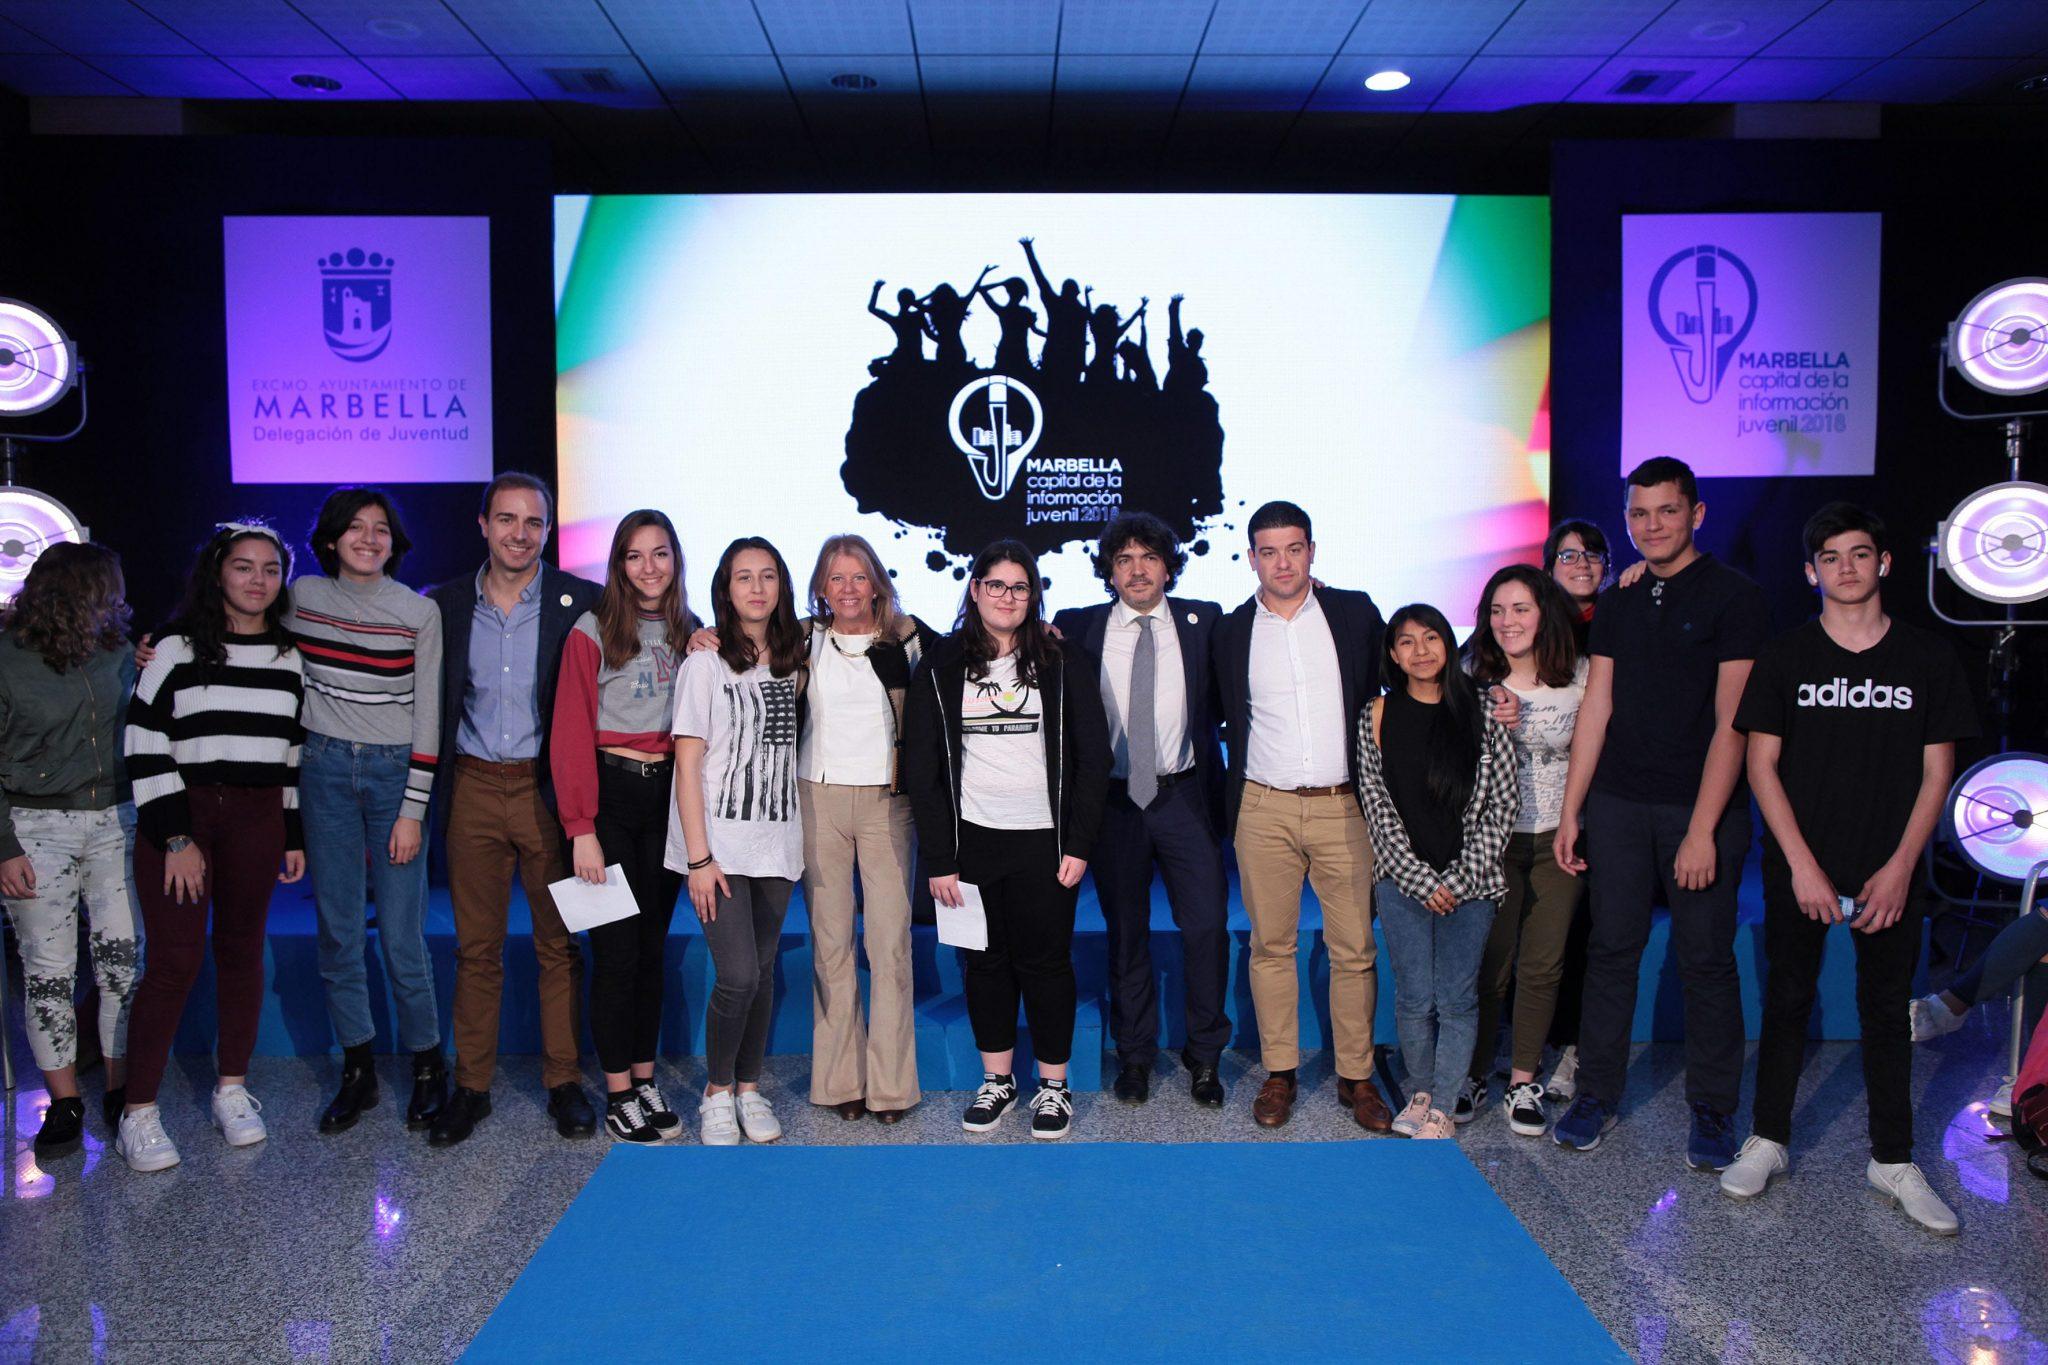 Más de 200 estudiantes celebran en Marbella el Día Europeo de la Información Juvenil